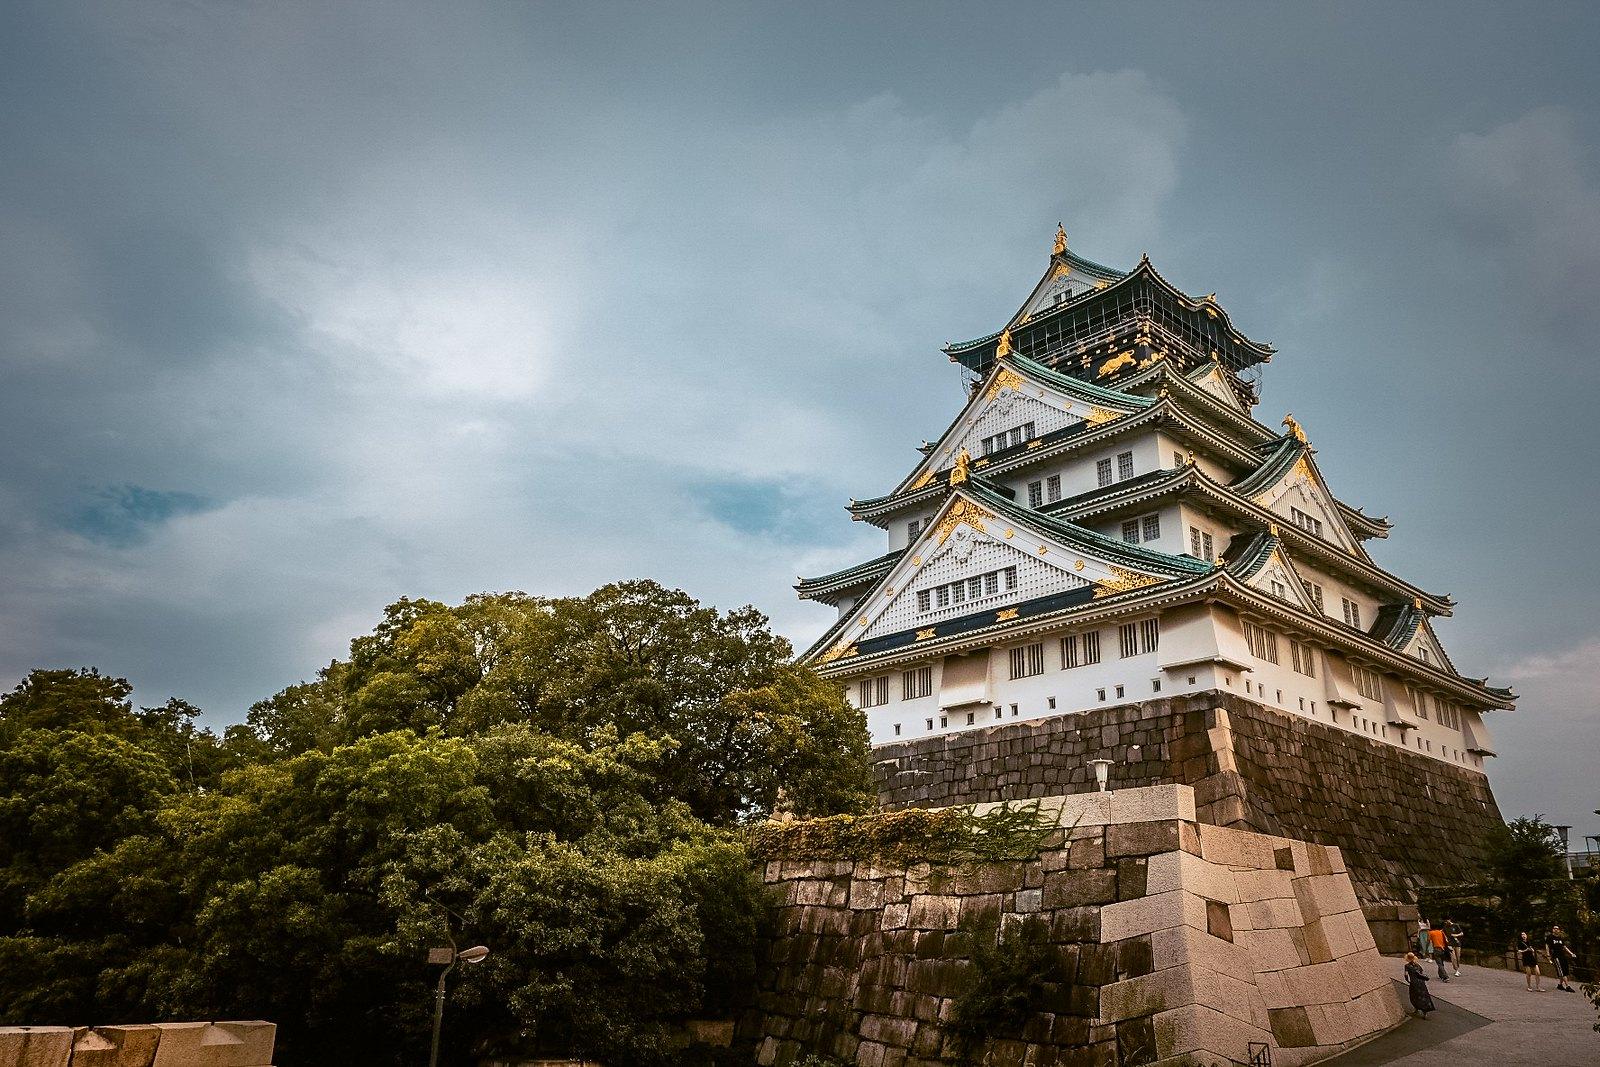 Osaka or Kyoto